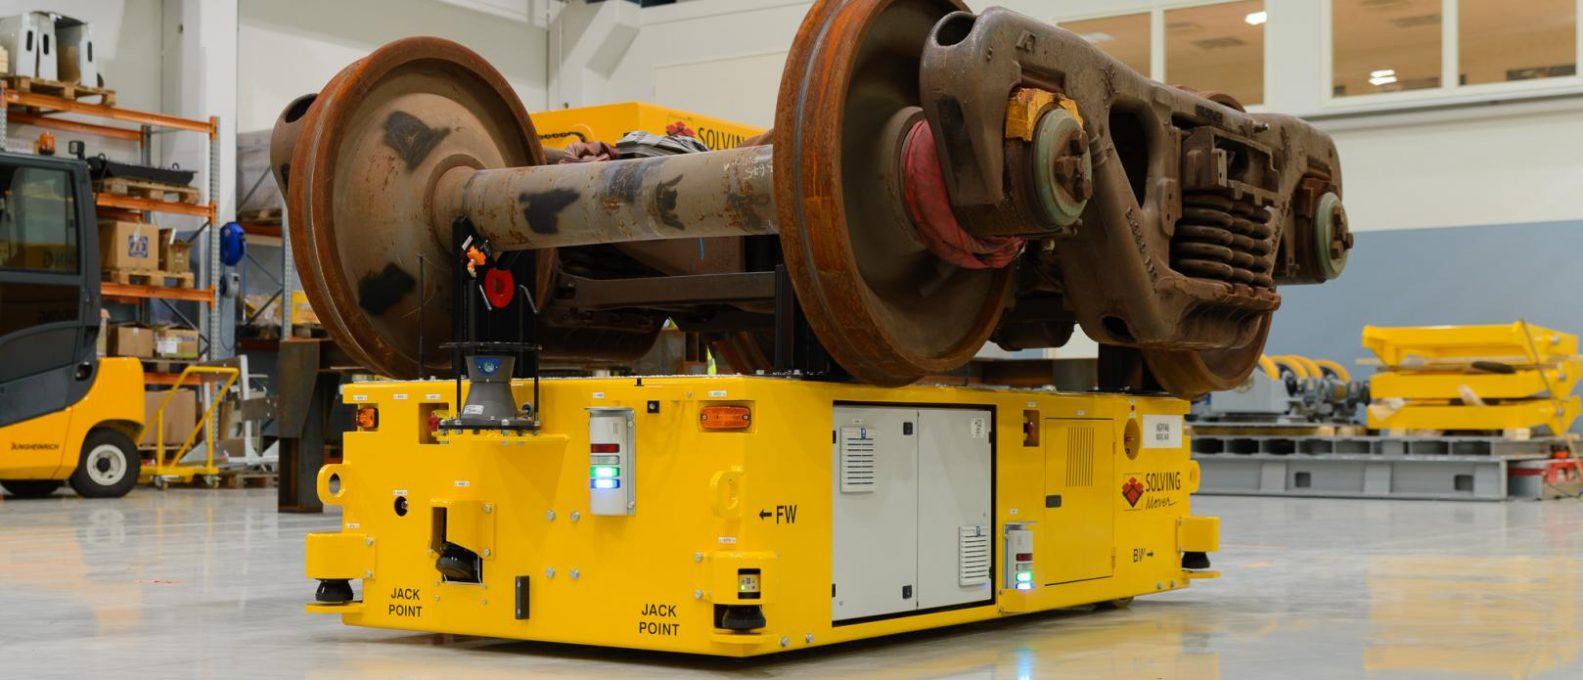 navetta-a-cuscino-d-aria-solving-italia-Railway-bogie-trasporto-materiale-rotabile-ferroviario-AGV-Solving-Mover-soluzioni-a-guida-automatica-filoguidati-laser-guidati-a-navigazione-naturale-automazione-industriale-impianti-di-movimentazione-automatica-a-supporto-di-processi-industriali-sollevamento-sicuro-pulito-flessibile-preciso-di-carichi-pesanti-ingombranti-voluminosi